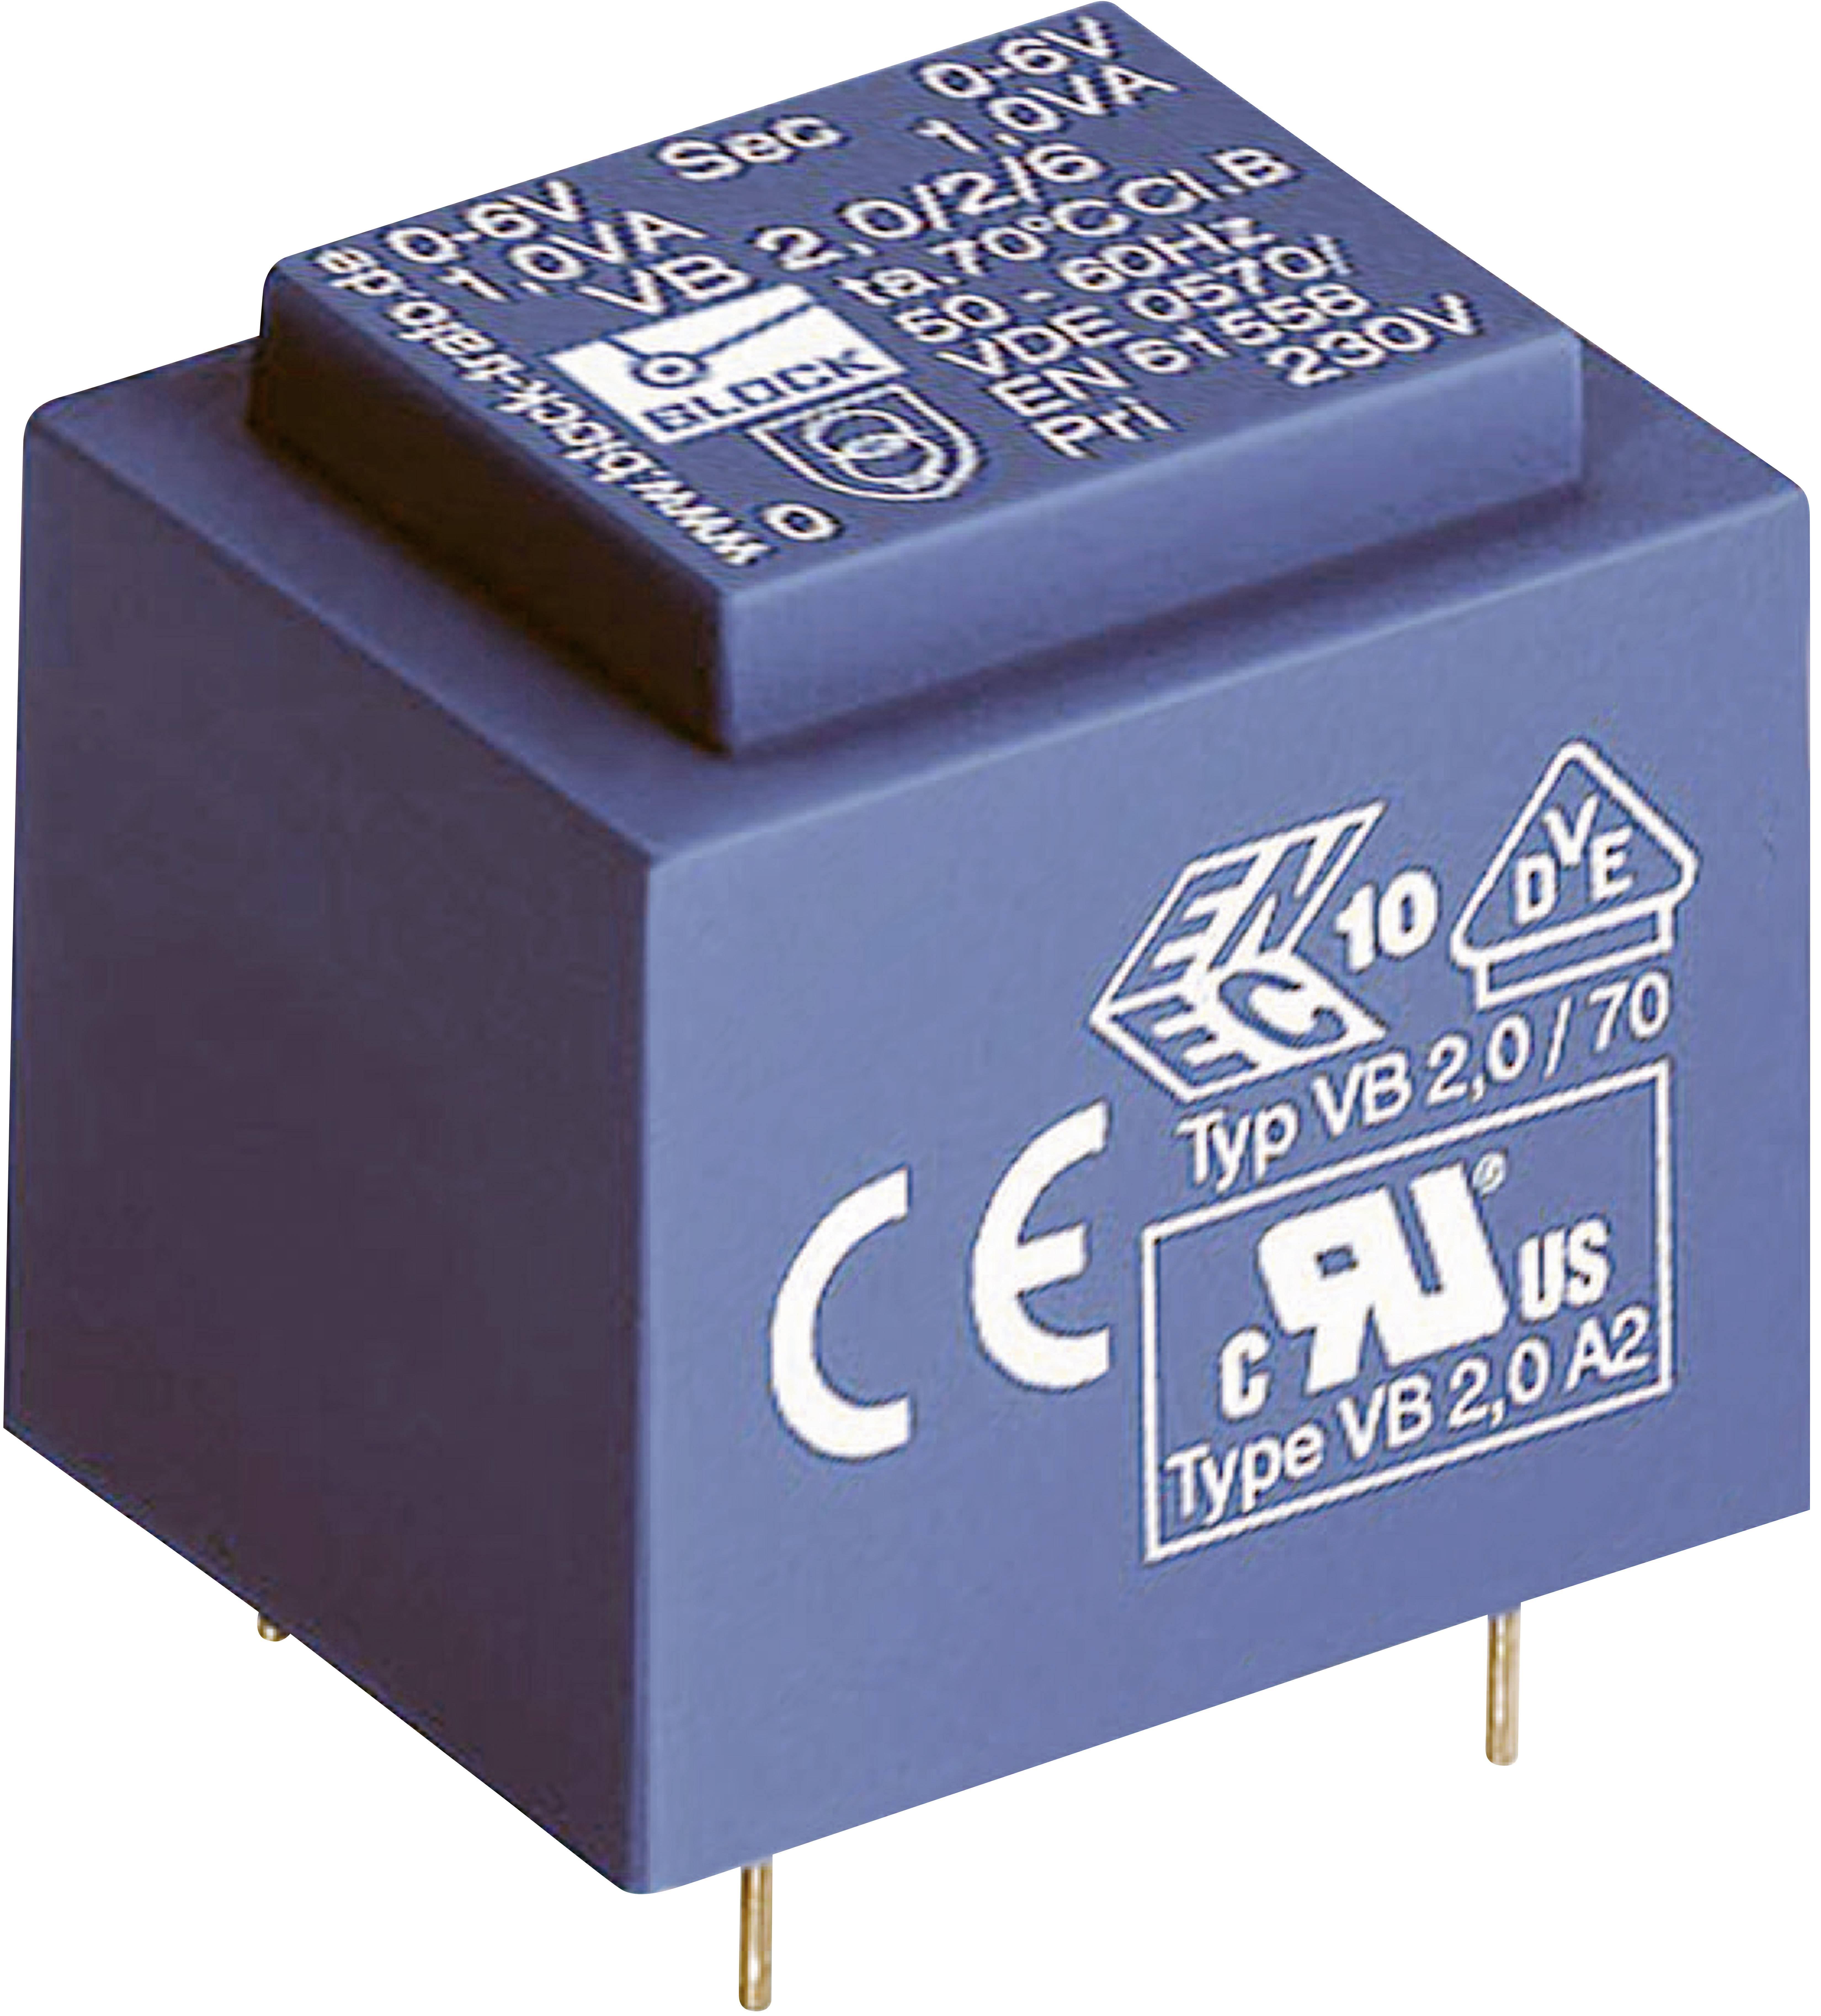 Transformátor do DPS Block VB 1,5/1/9, 1.50 VA